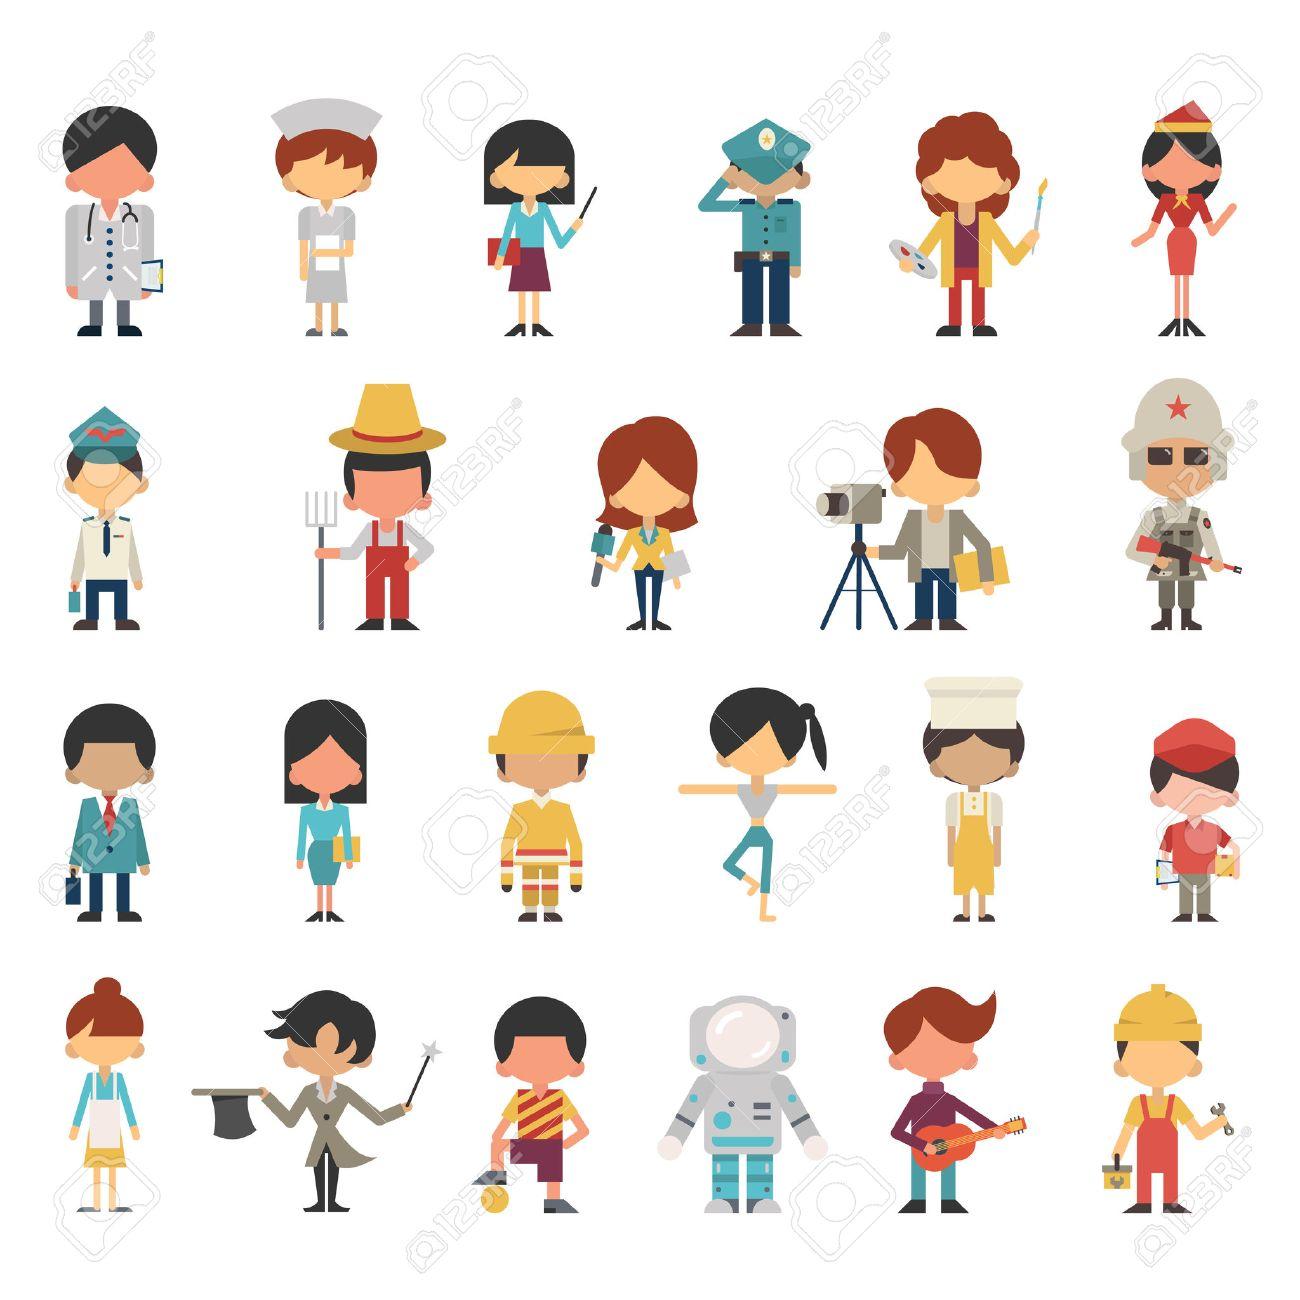 Personajes De Dibujos De Los Niños O Los Niños En Diversas Ocupaciones Concepto Diseño Plano Diseño Simple Diversidad Con Multiétnico